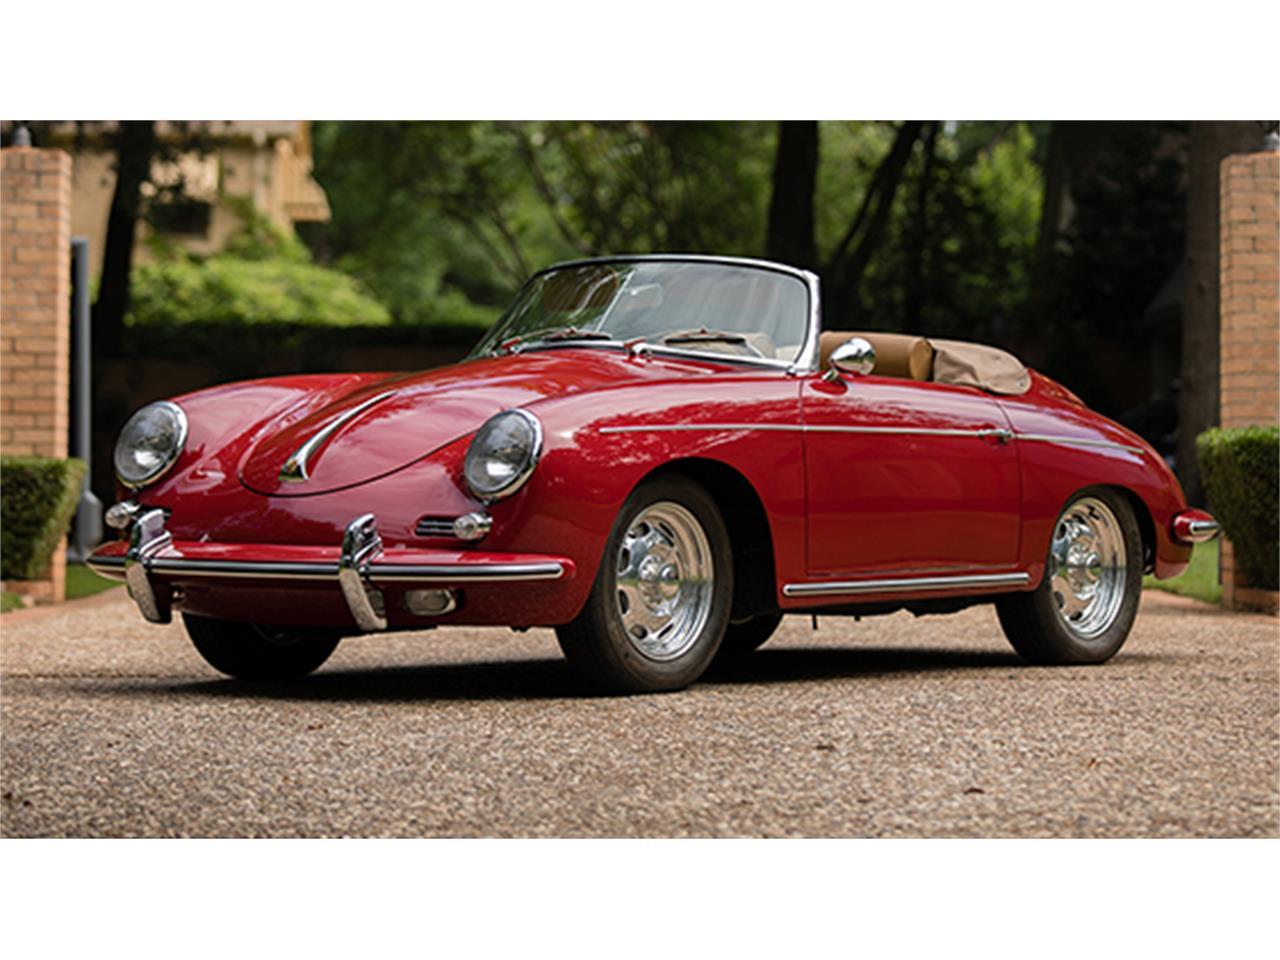 1960 Porsche 356 B 1600 Roadster By Drauz For Sale Classiccars Com Cc 990399